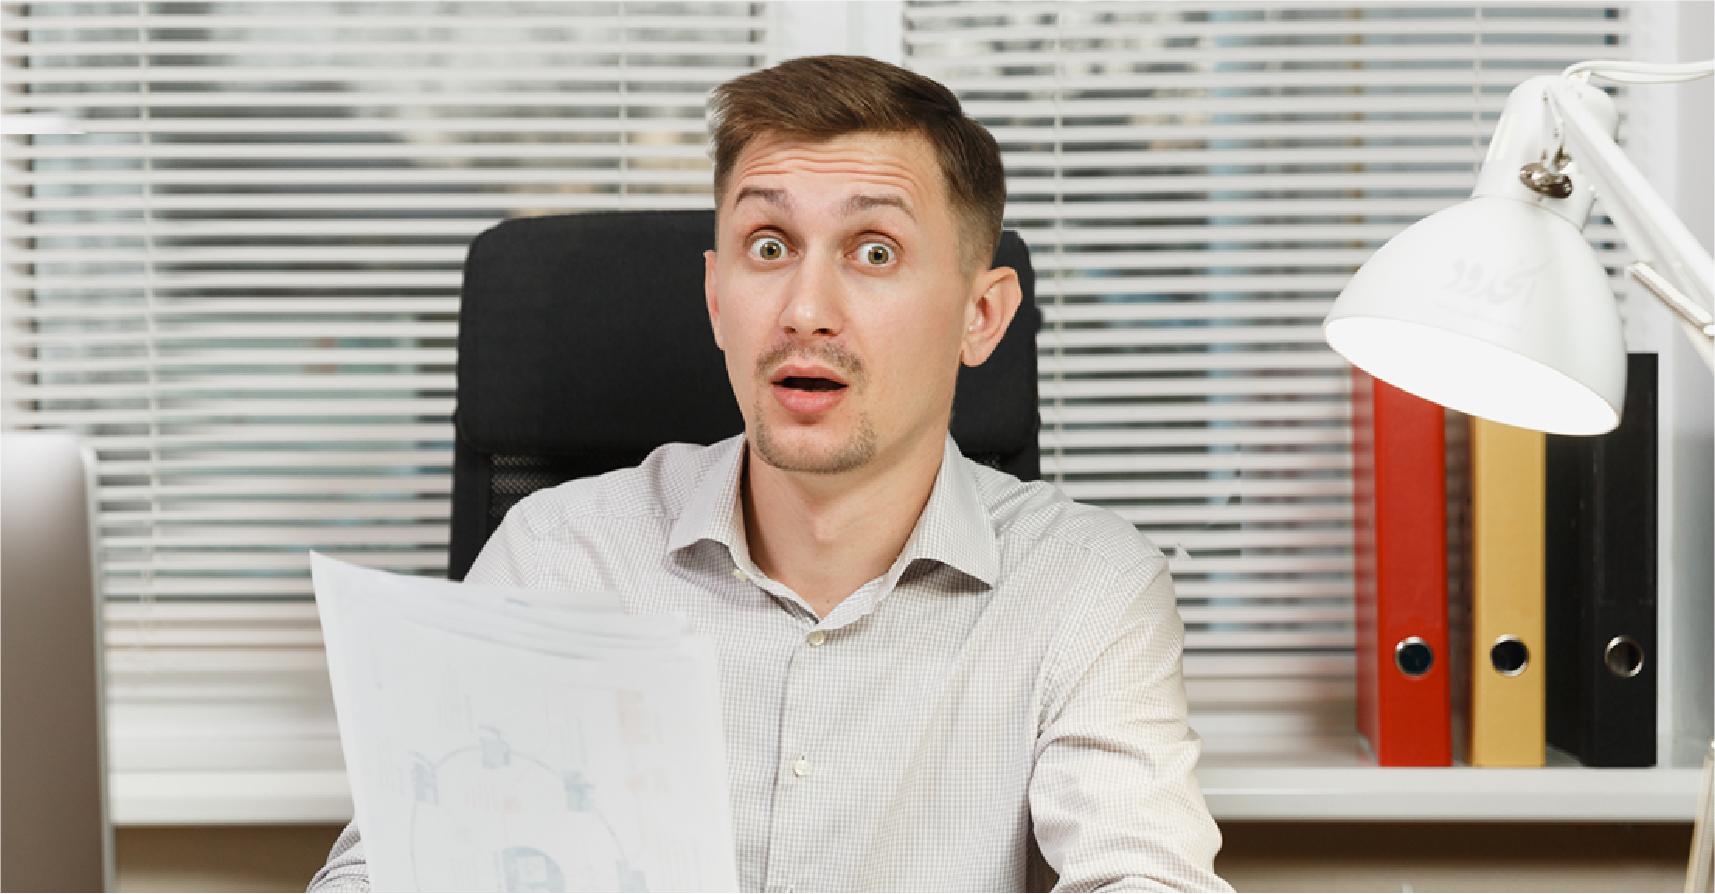 صورة شاب يؤسّس شركته الخاصة بعد قراءته سيرته الذاتية وانبهاره بمهاراته